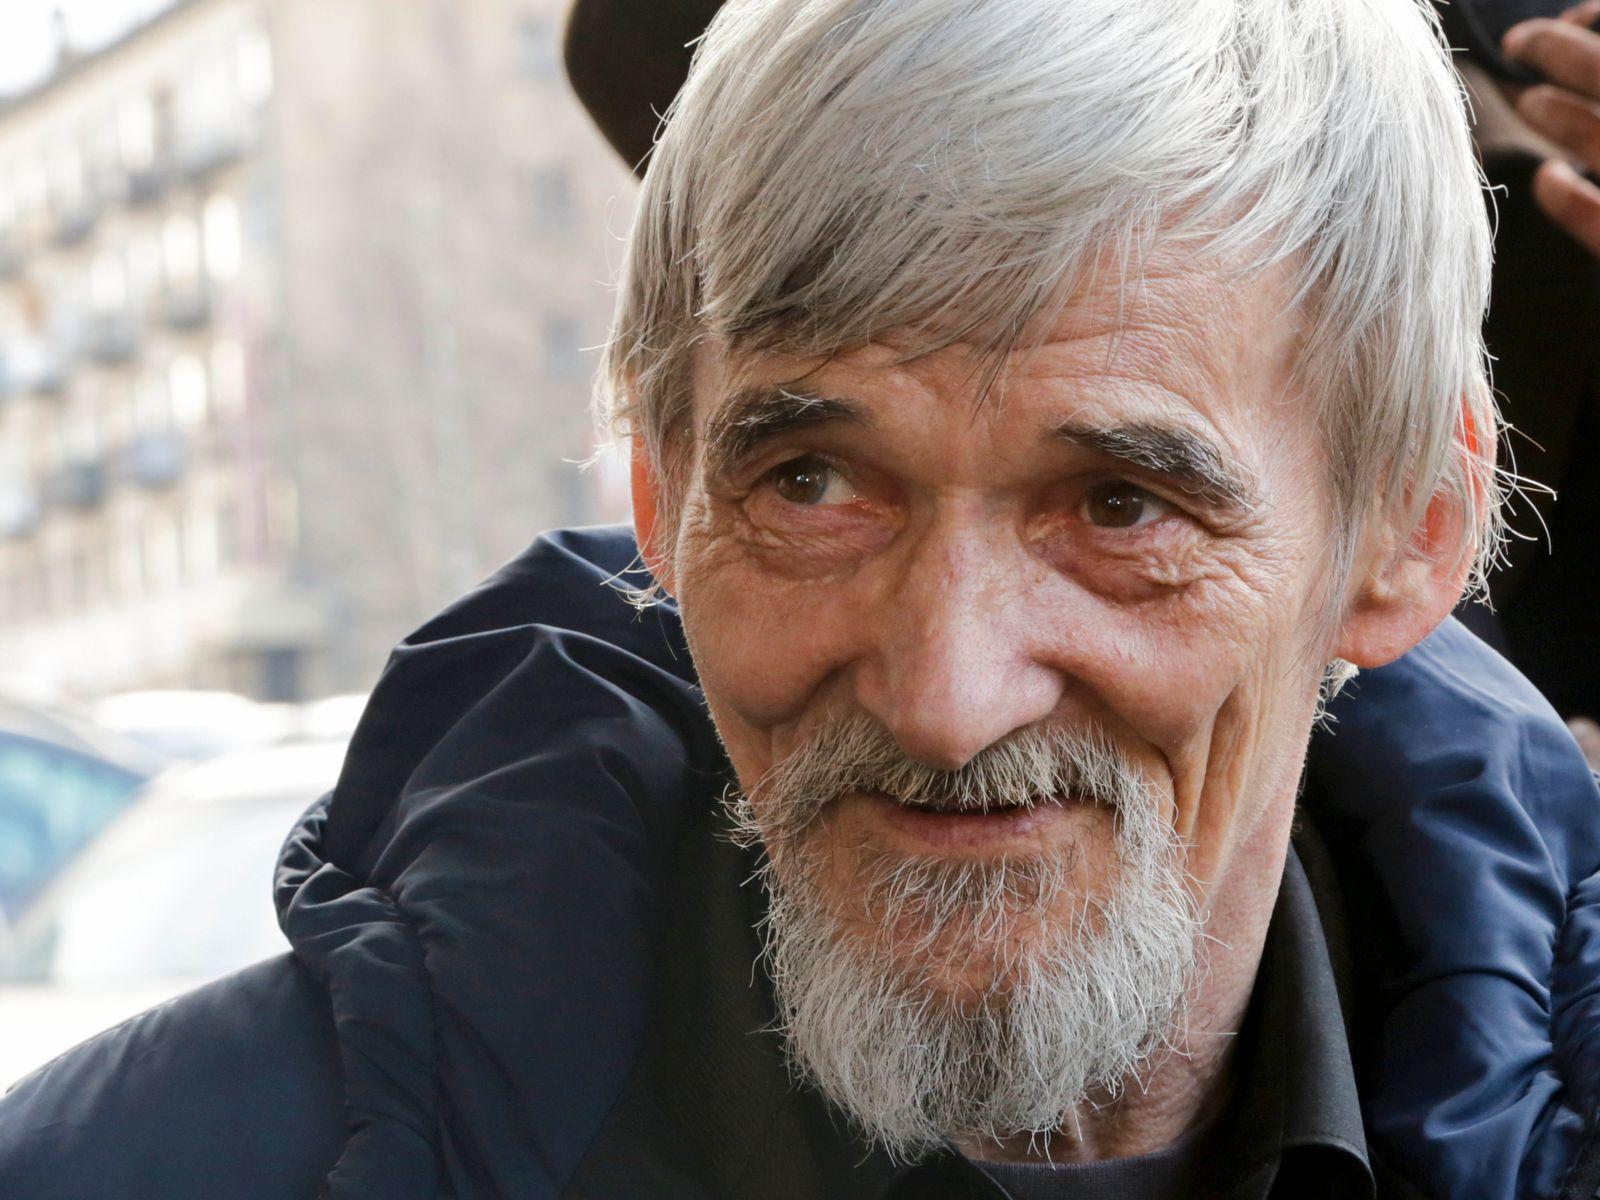 Urteil im umstrittenen Prozess gegen russischen Menschenrechtler